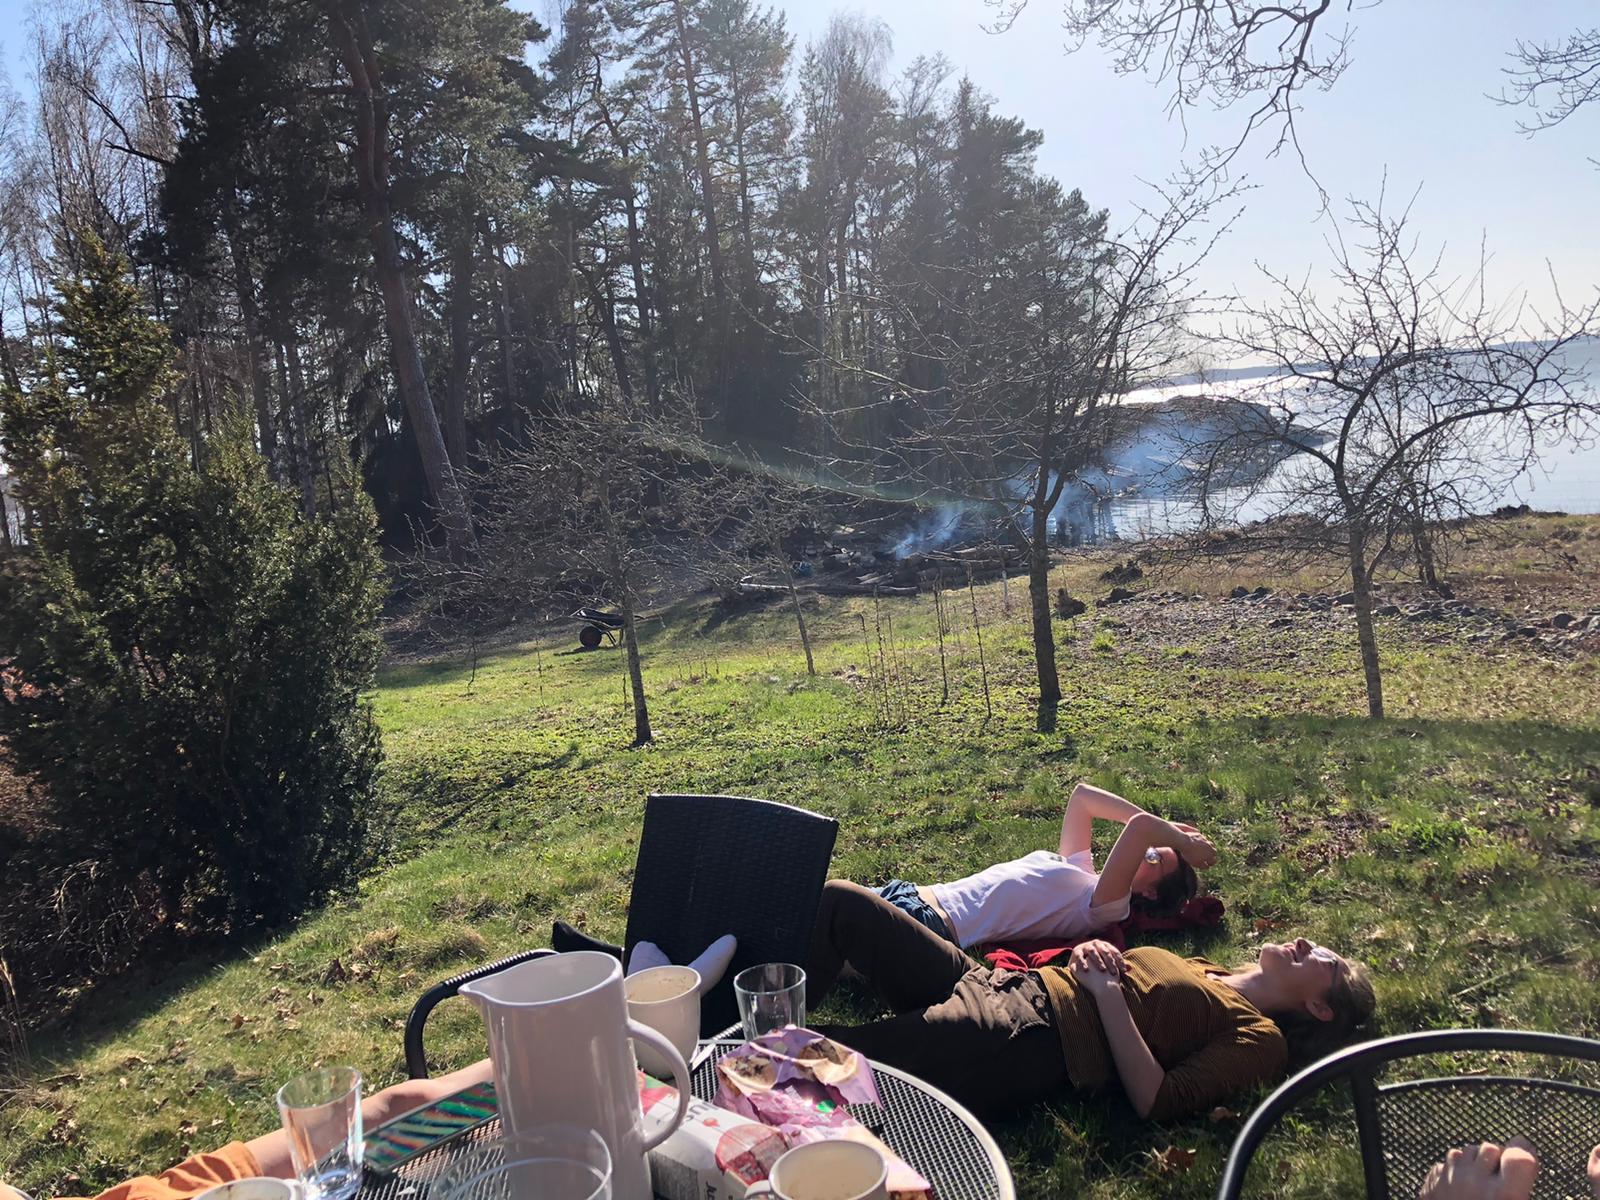 Sonja und Clarita genießen die sommerlichen Temperaturen